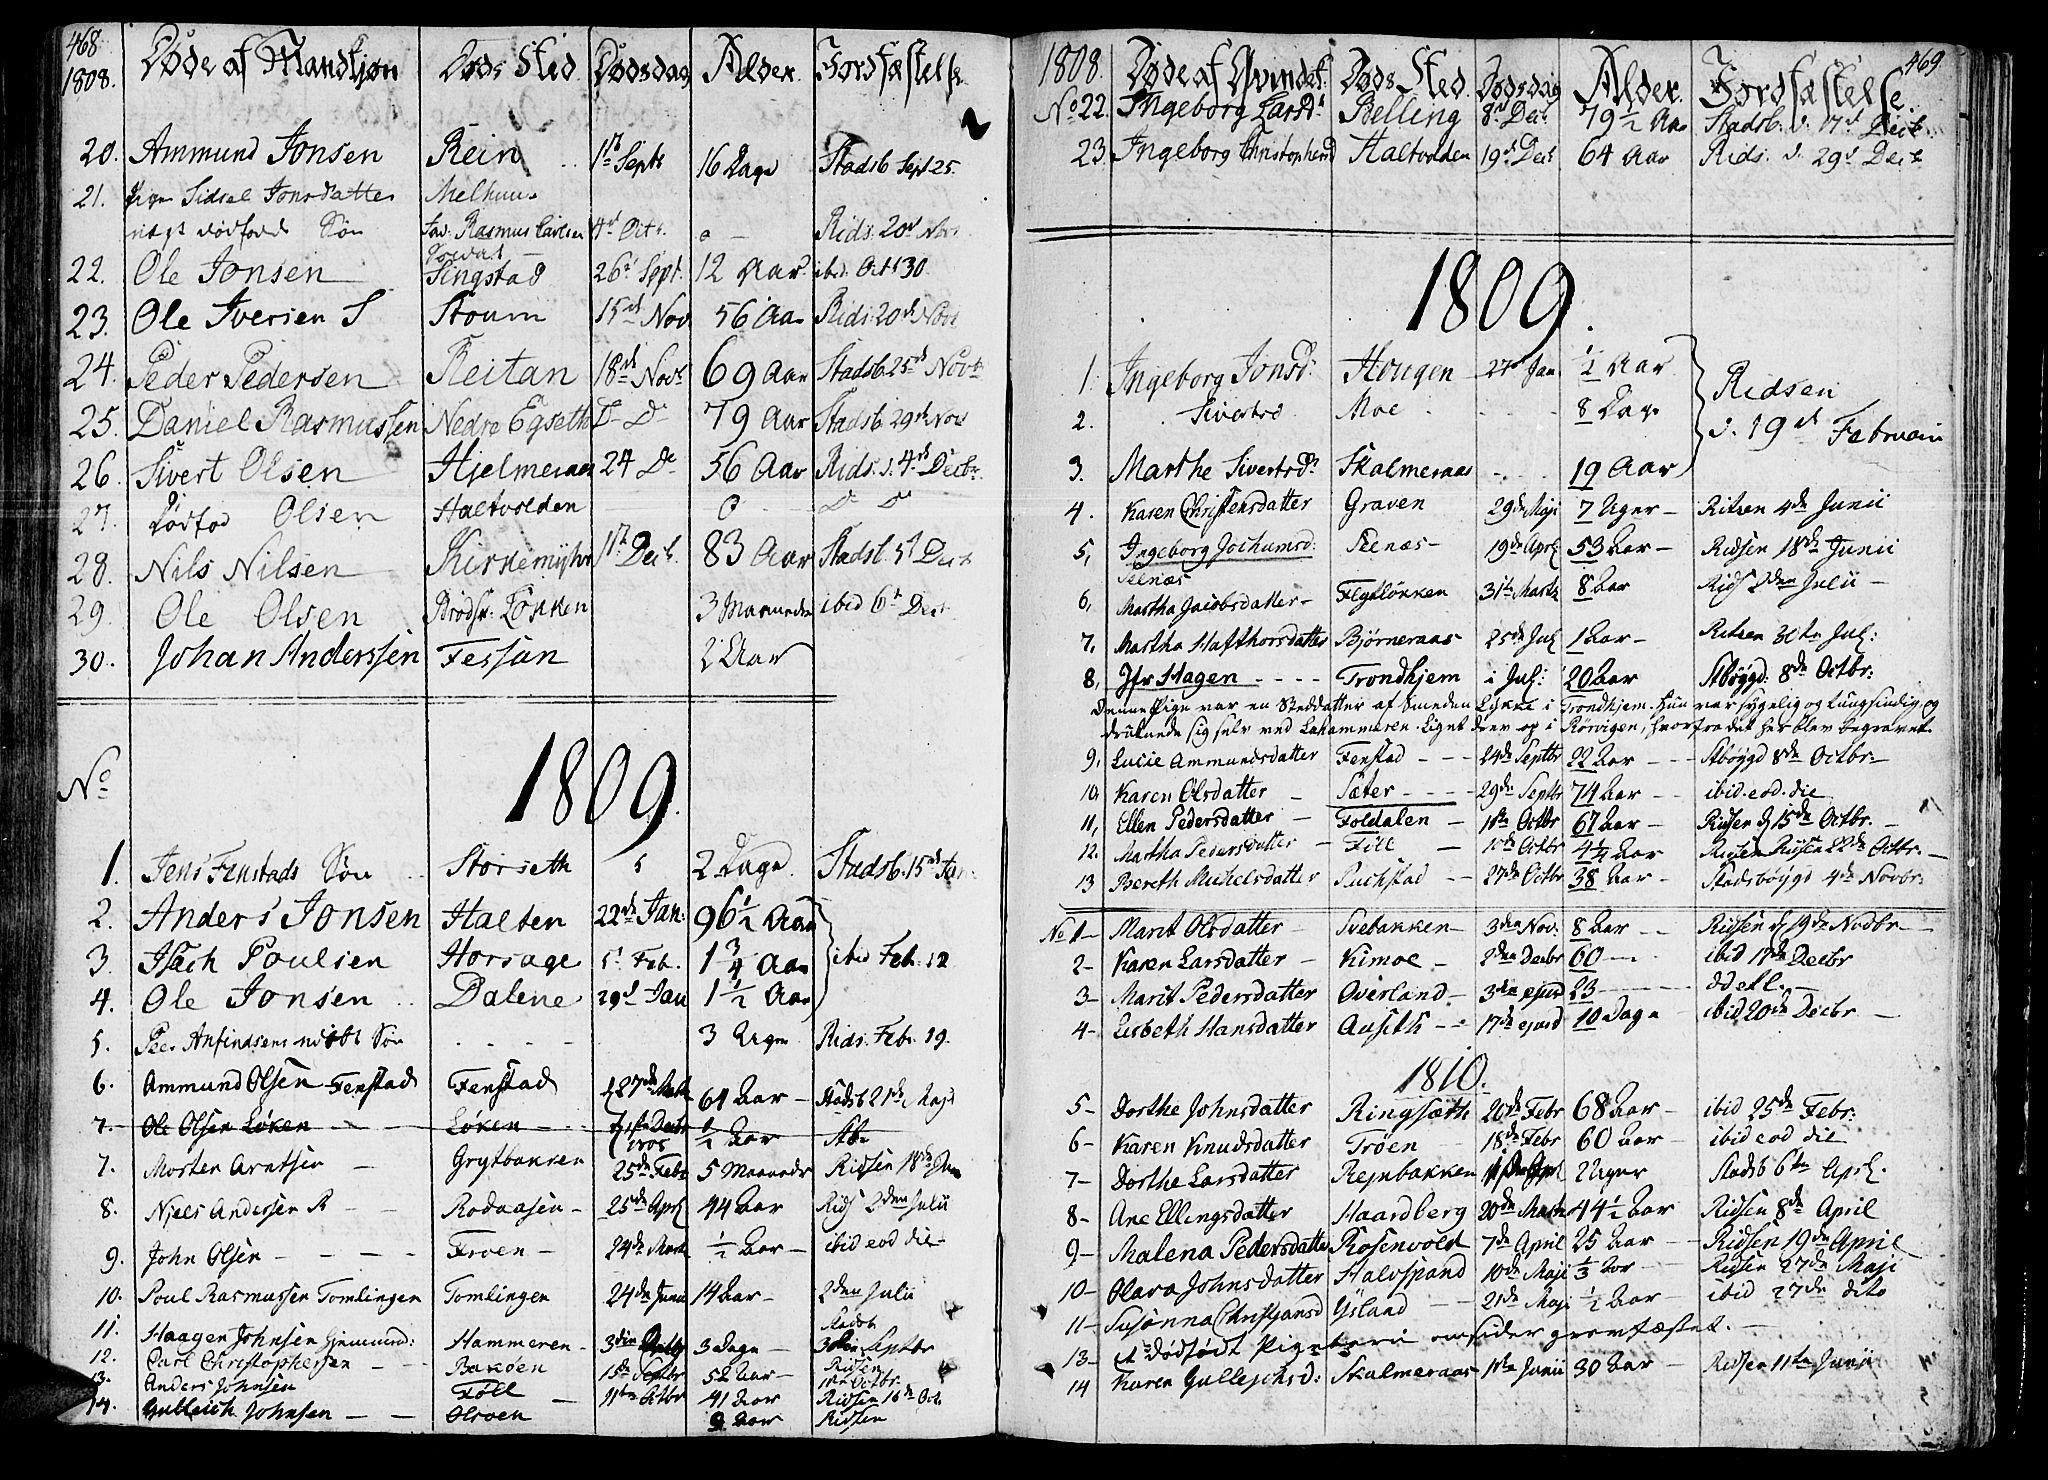 SAT, Ministerialprotokoller, klokkerbøker og fødselsregistre - Sør-Trøndelag, 646/L0607: Ministerialbok nr. 646A05, 1806-1815, s. 468-469